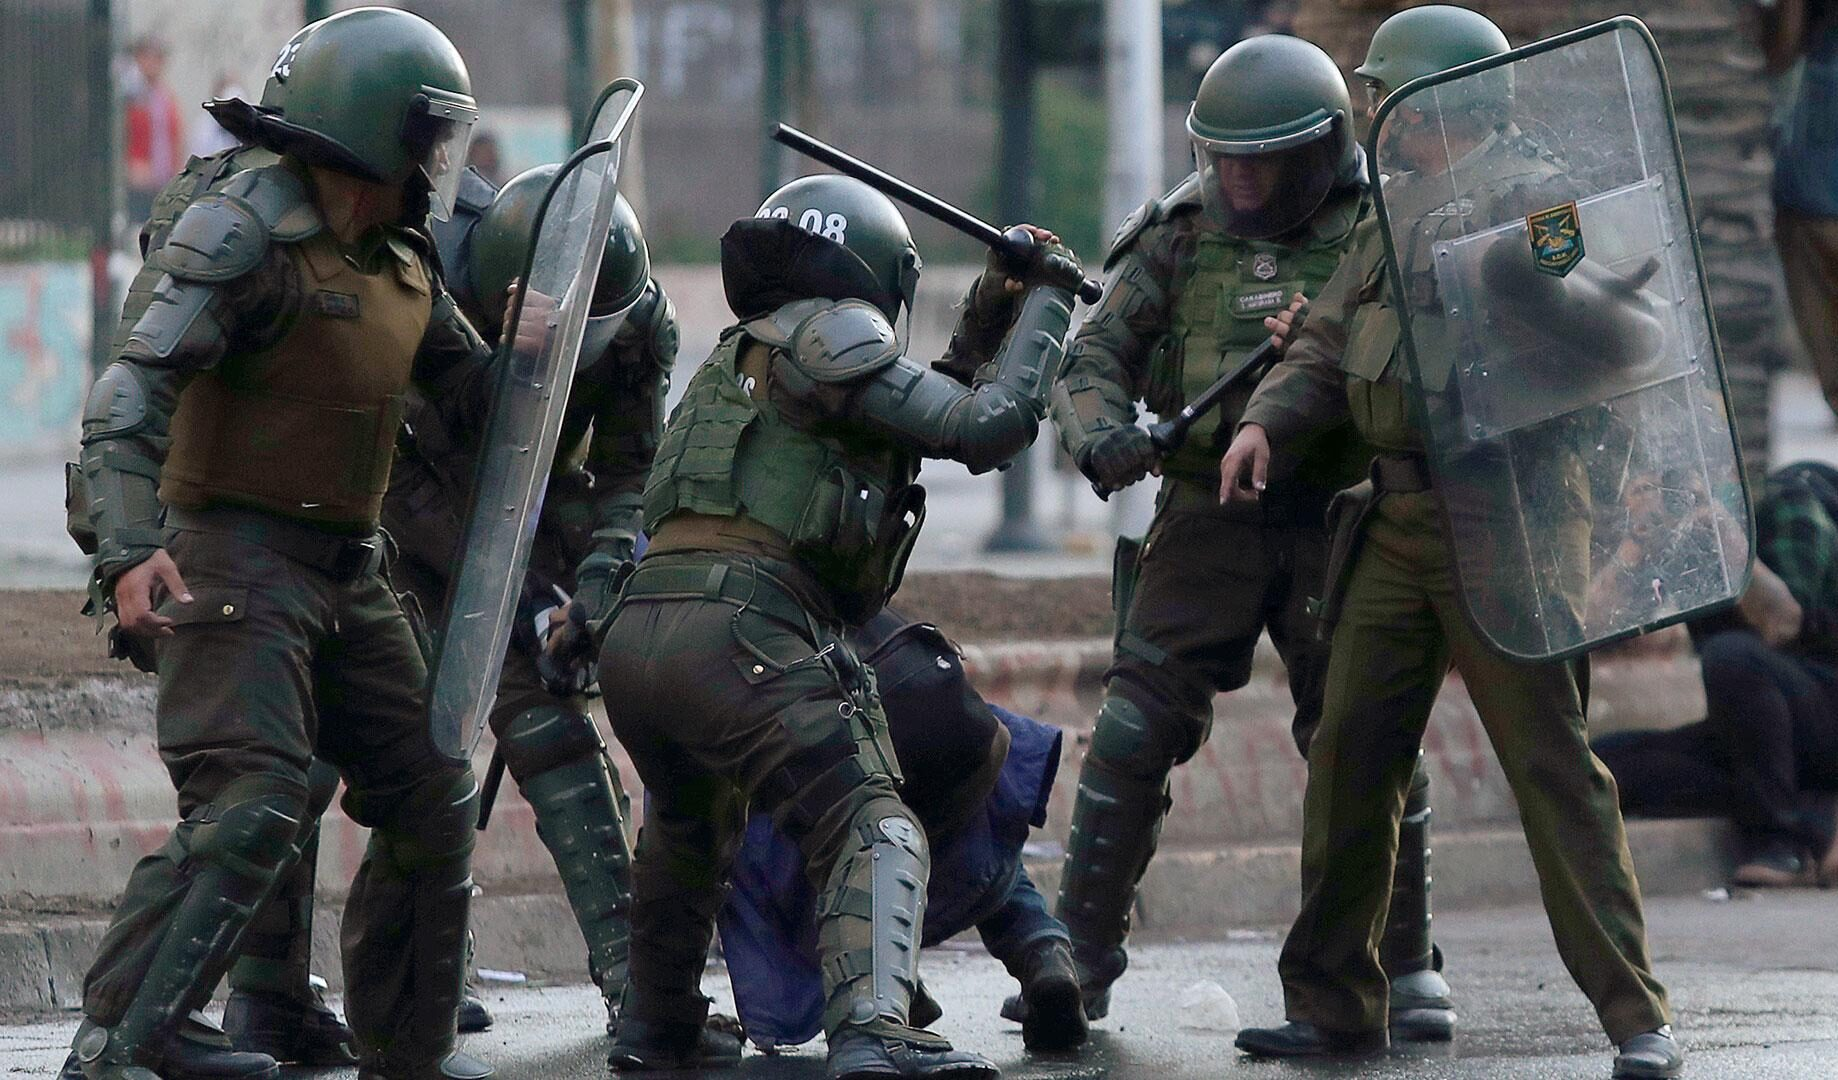 Detienen a 3 Carabineros acusados de tortura durante estallido social en Peñalolén